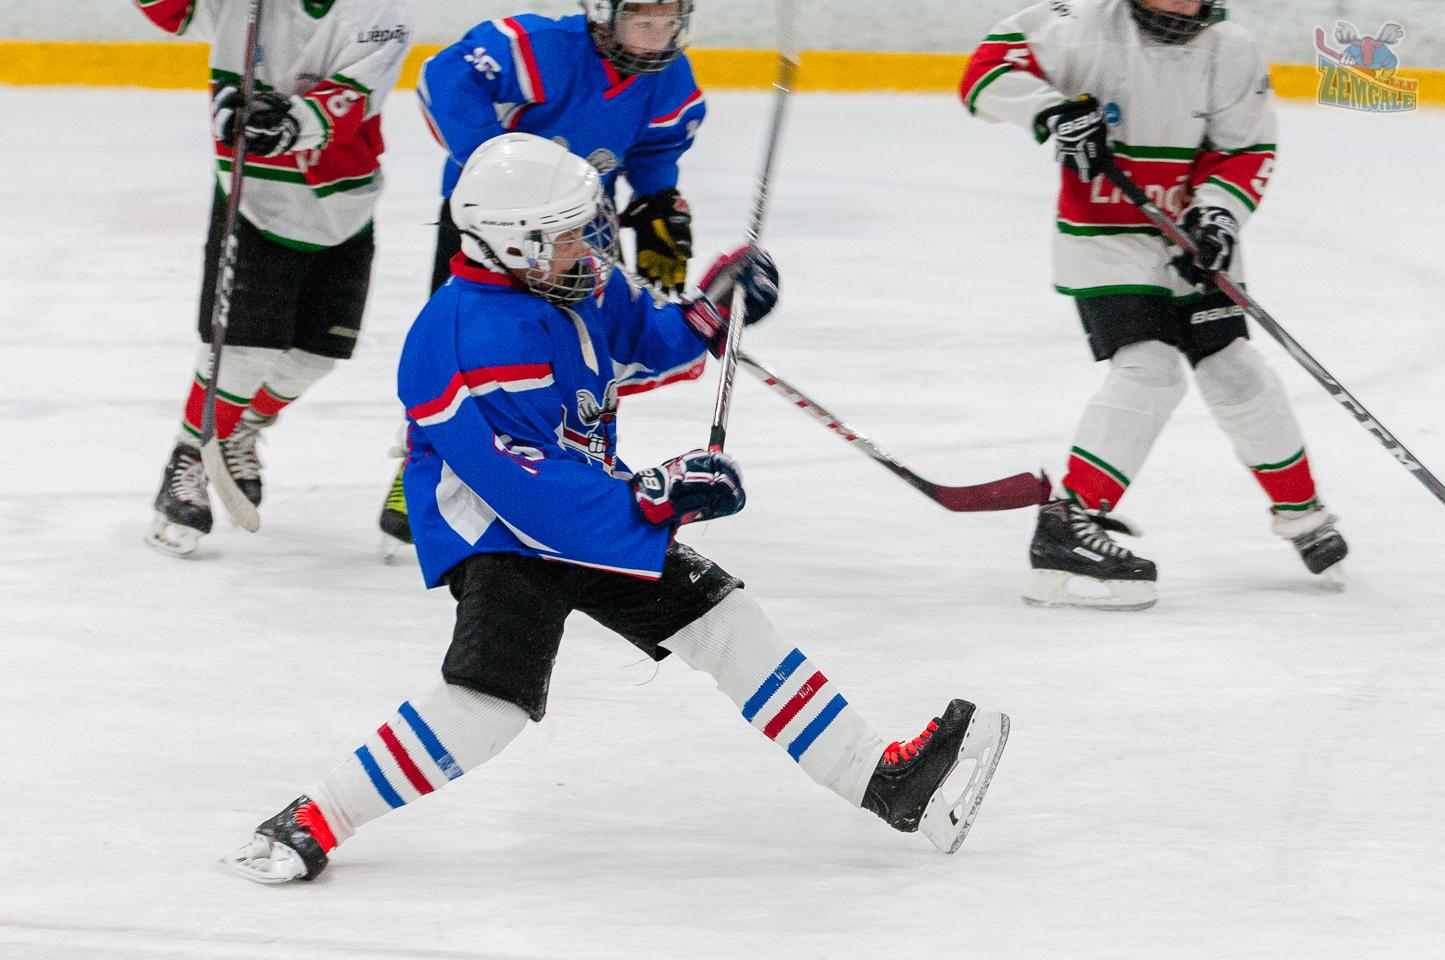 Jelgavas hokeja skola JLSS U11 B - Liepāja SSS LBJČH 22092019-02